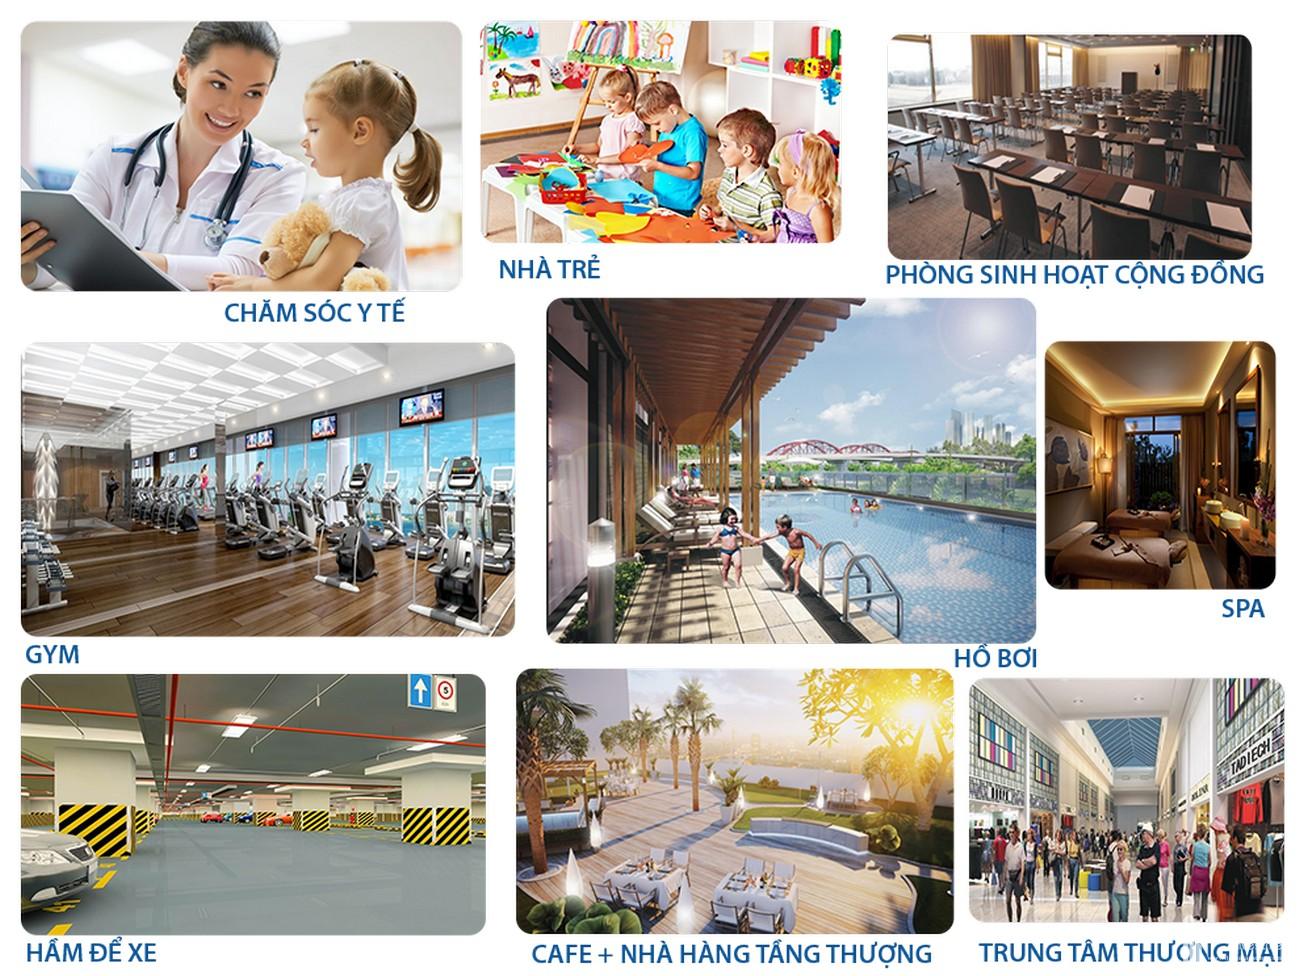 Tiện ích dự án đất nền nhà phố biệt thự Qi Island Bình Dương Đường Ngô Chí Quốc chủ đầu tư Hoa Lâm